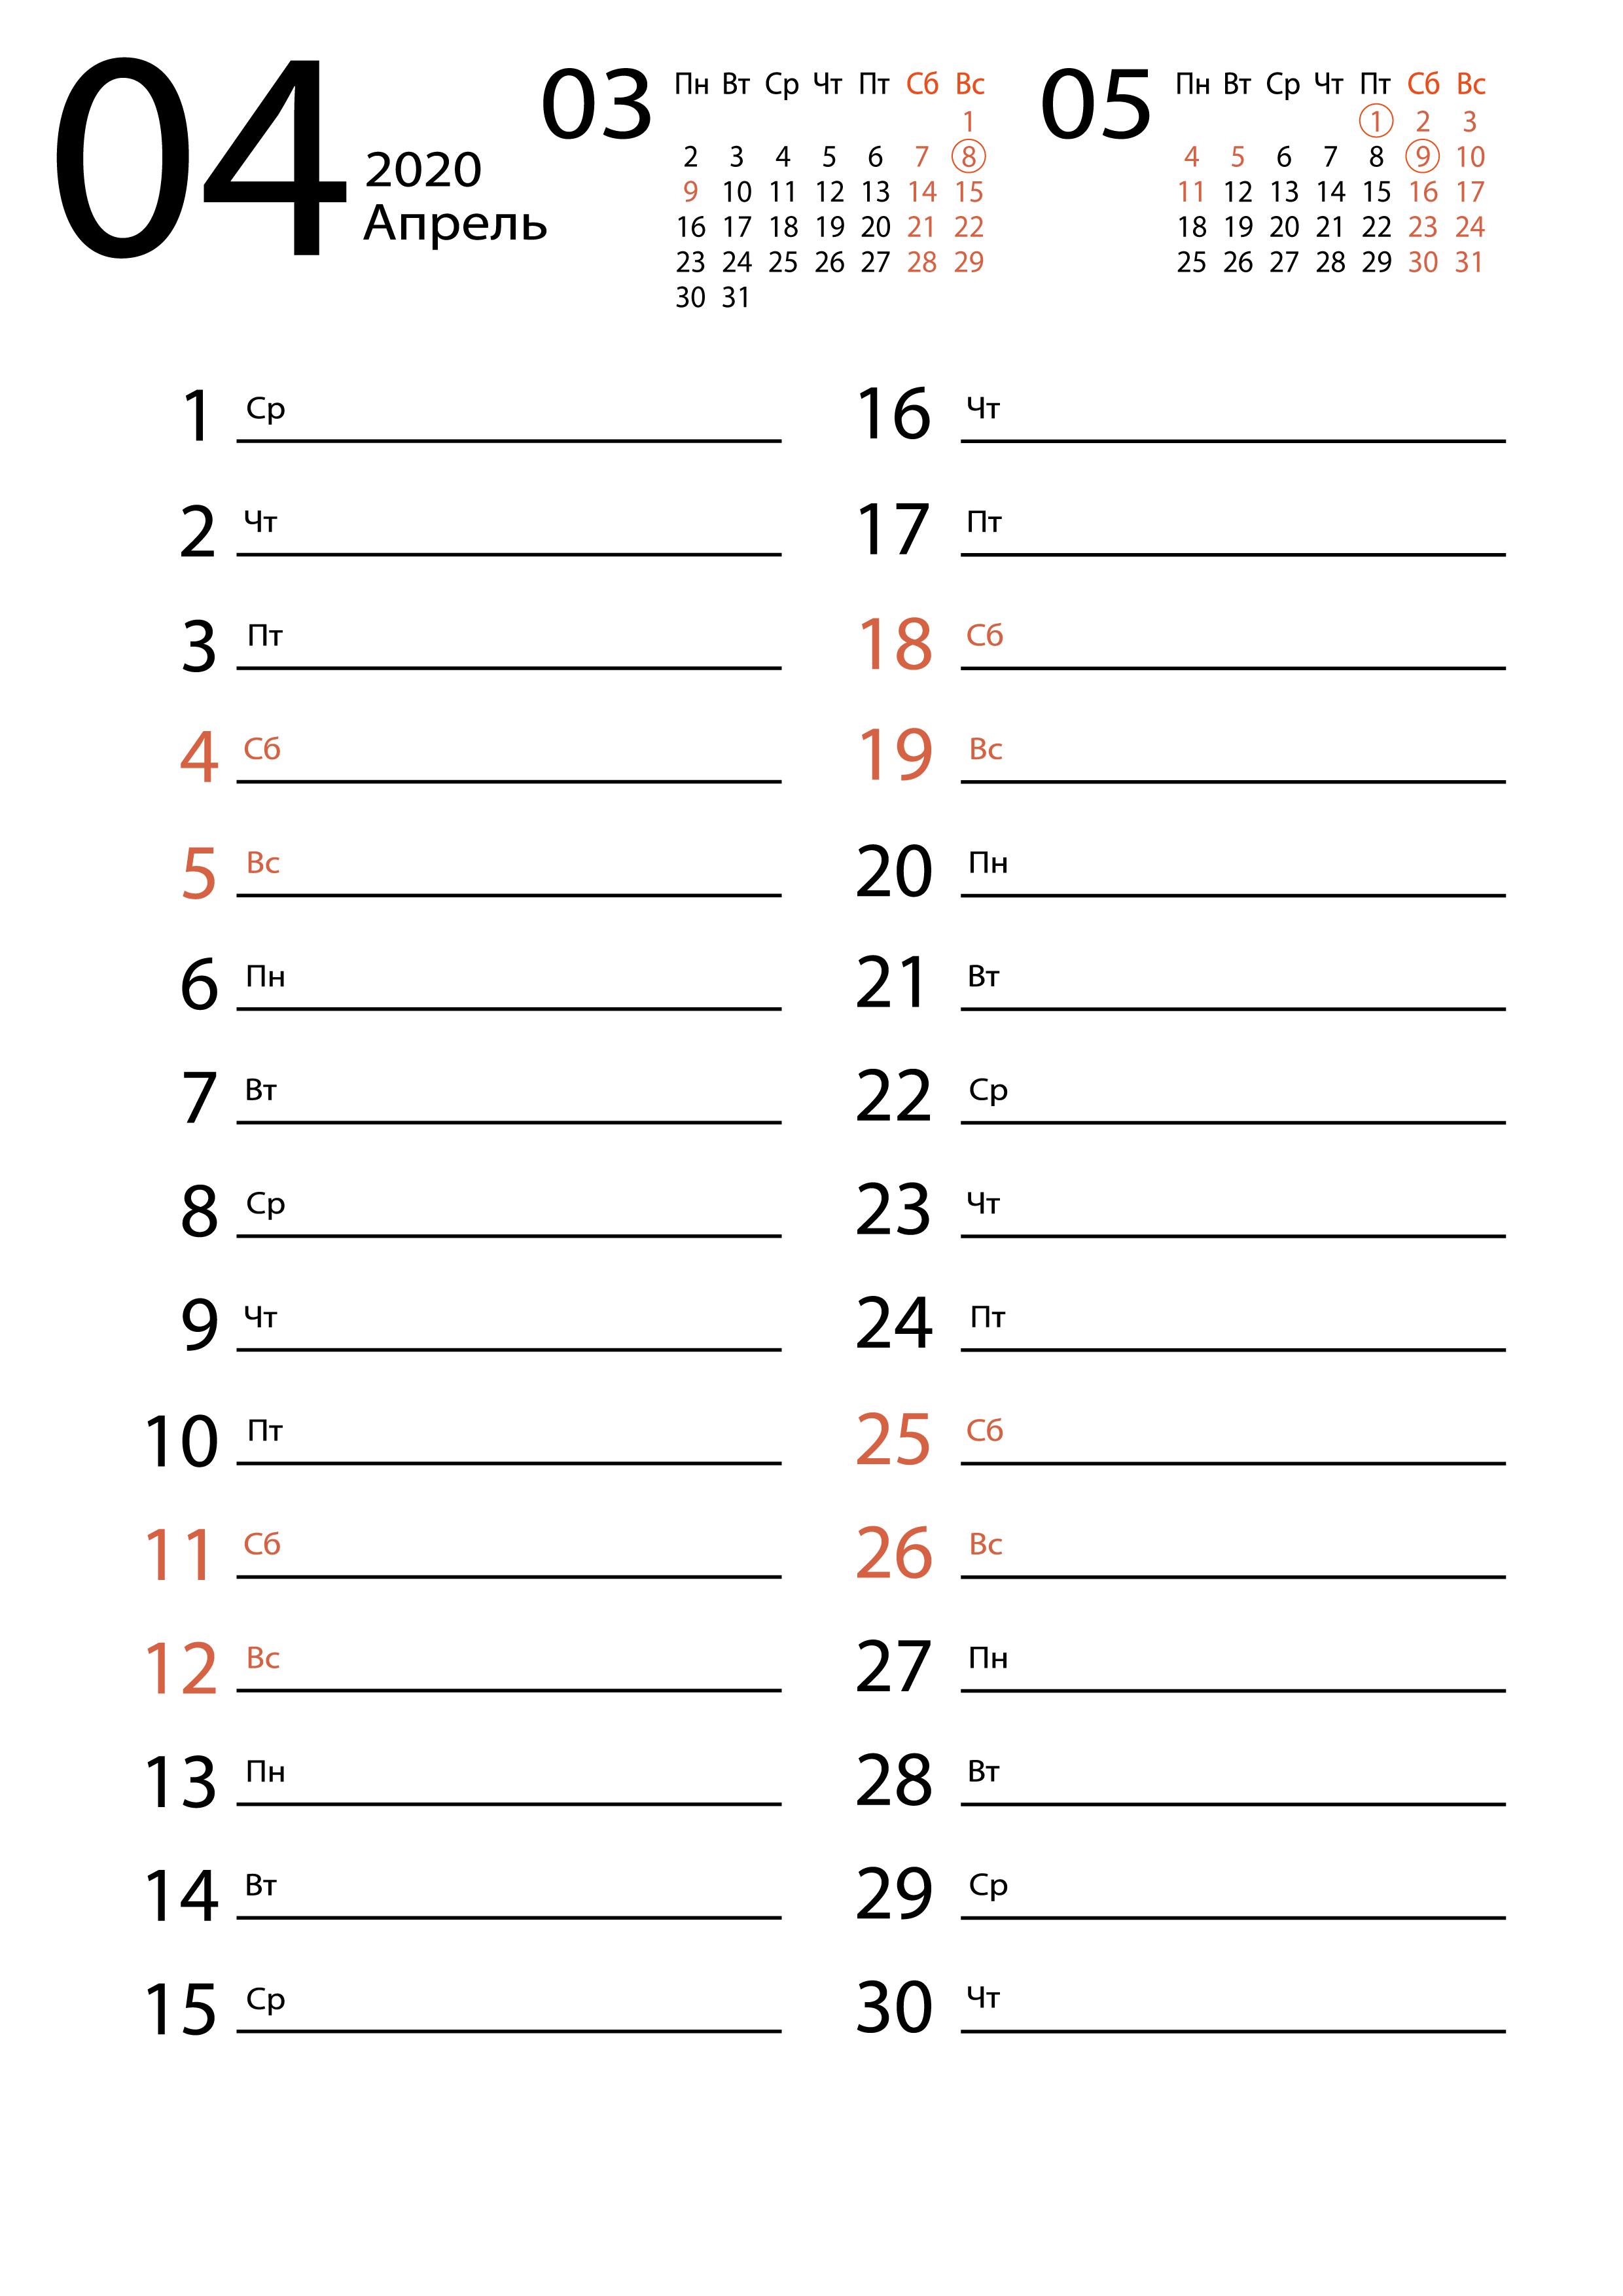 Апрель 2020 - Календарь для заметок